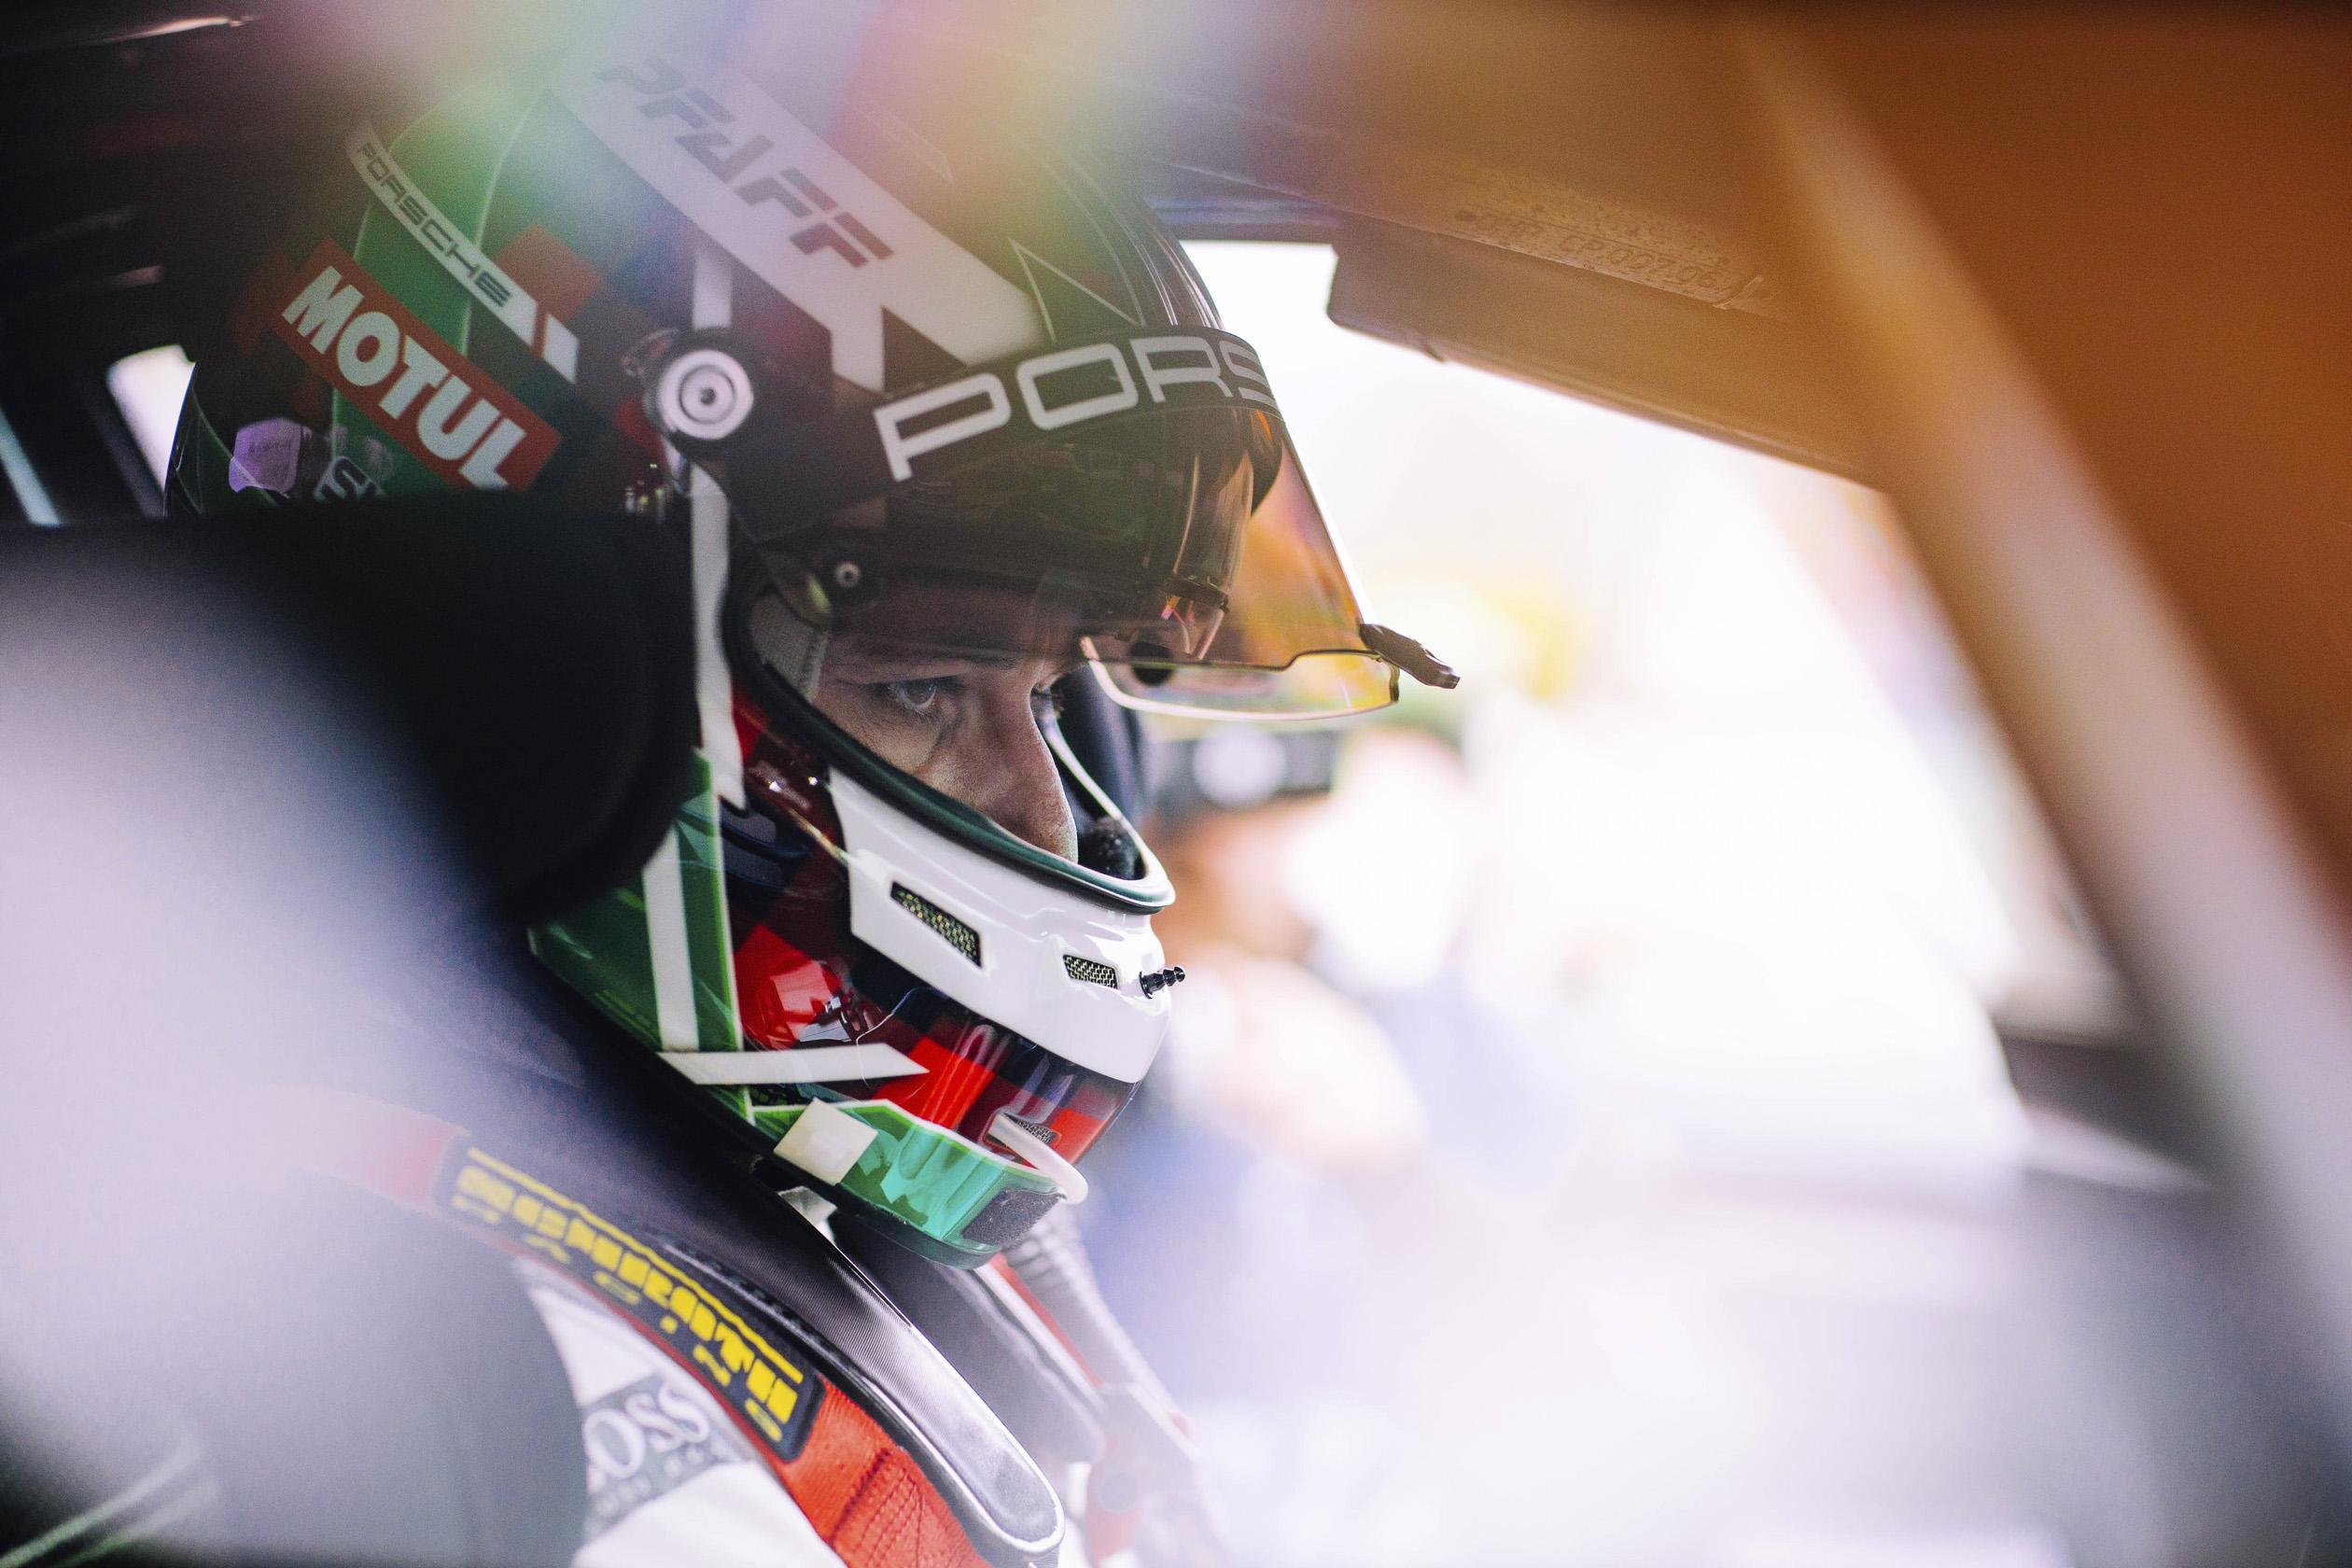 試車手Lars Kern駕駛著具有輕度偽裝的量產版Panamera,於紐柏林北環賽道(Nürburgring Nordschleife)創下7:29.81的單圈成績。